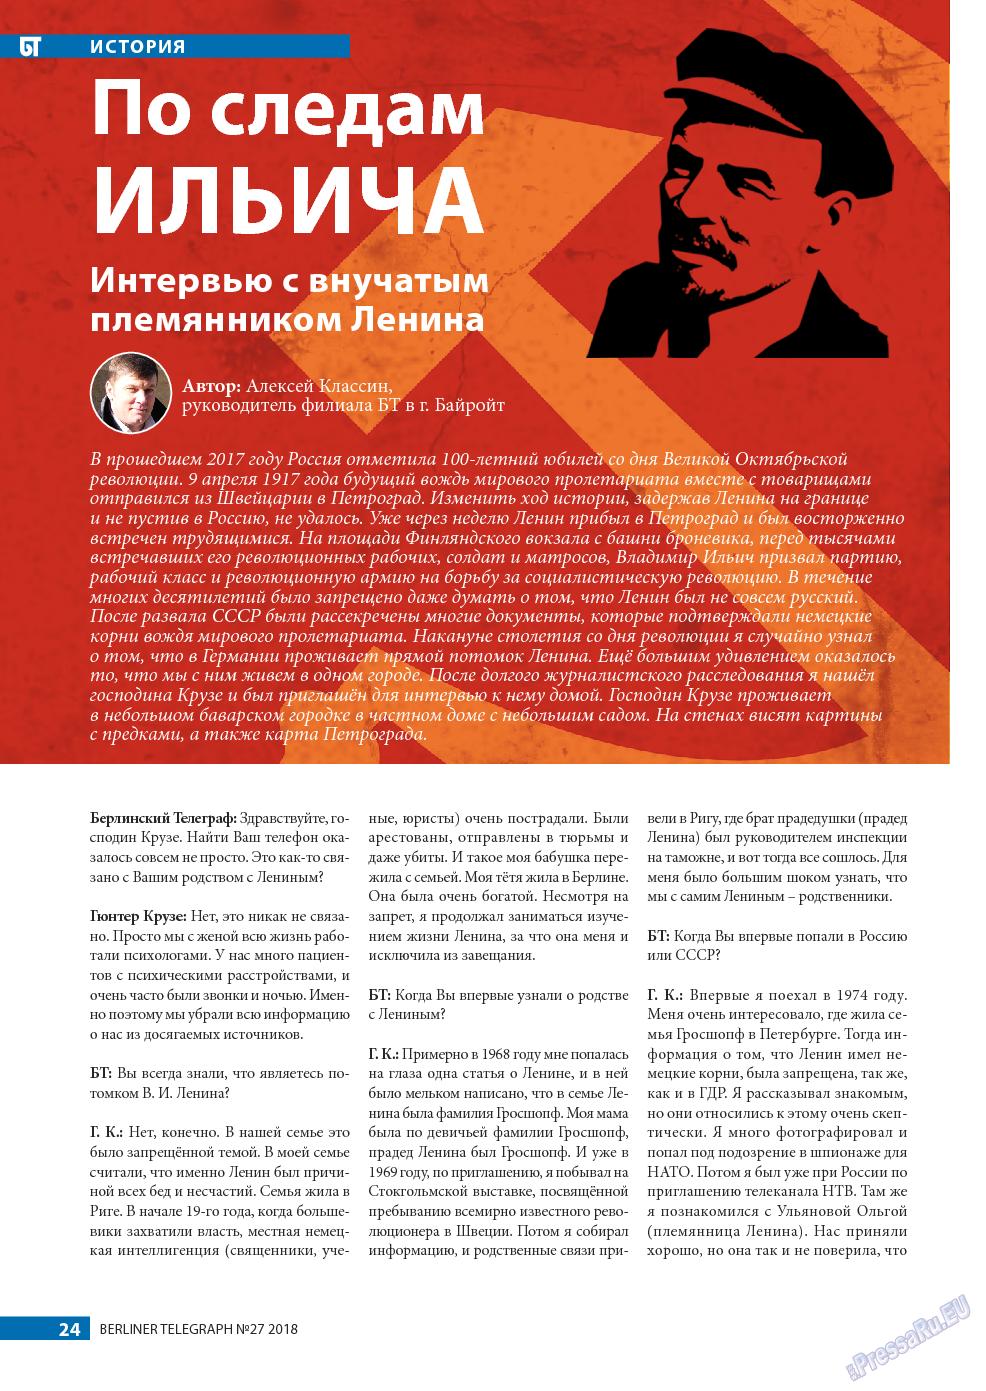 Берлинский телеграф (журнал). 2018 год, номер 27, стр. 24